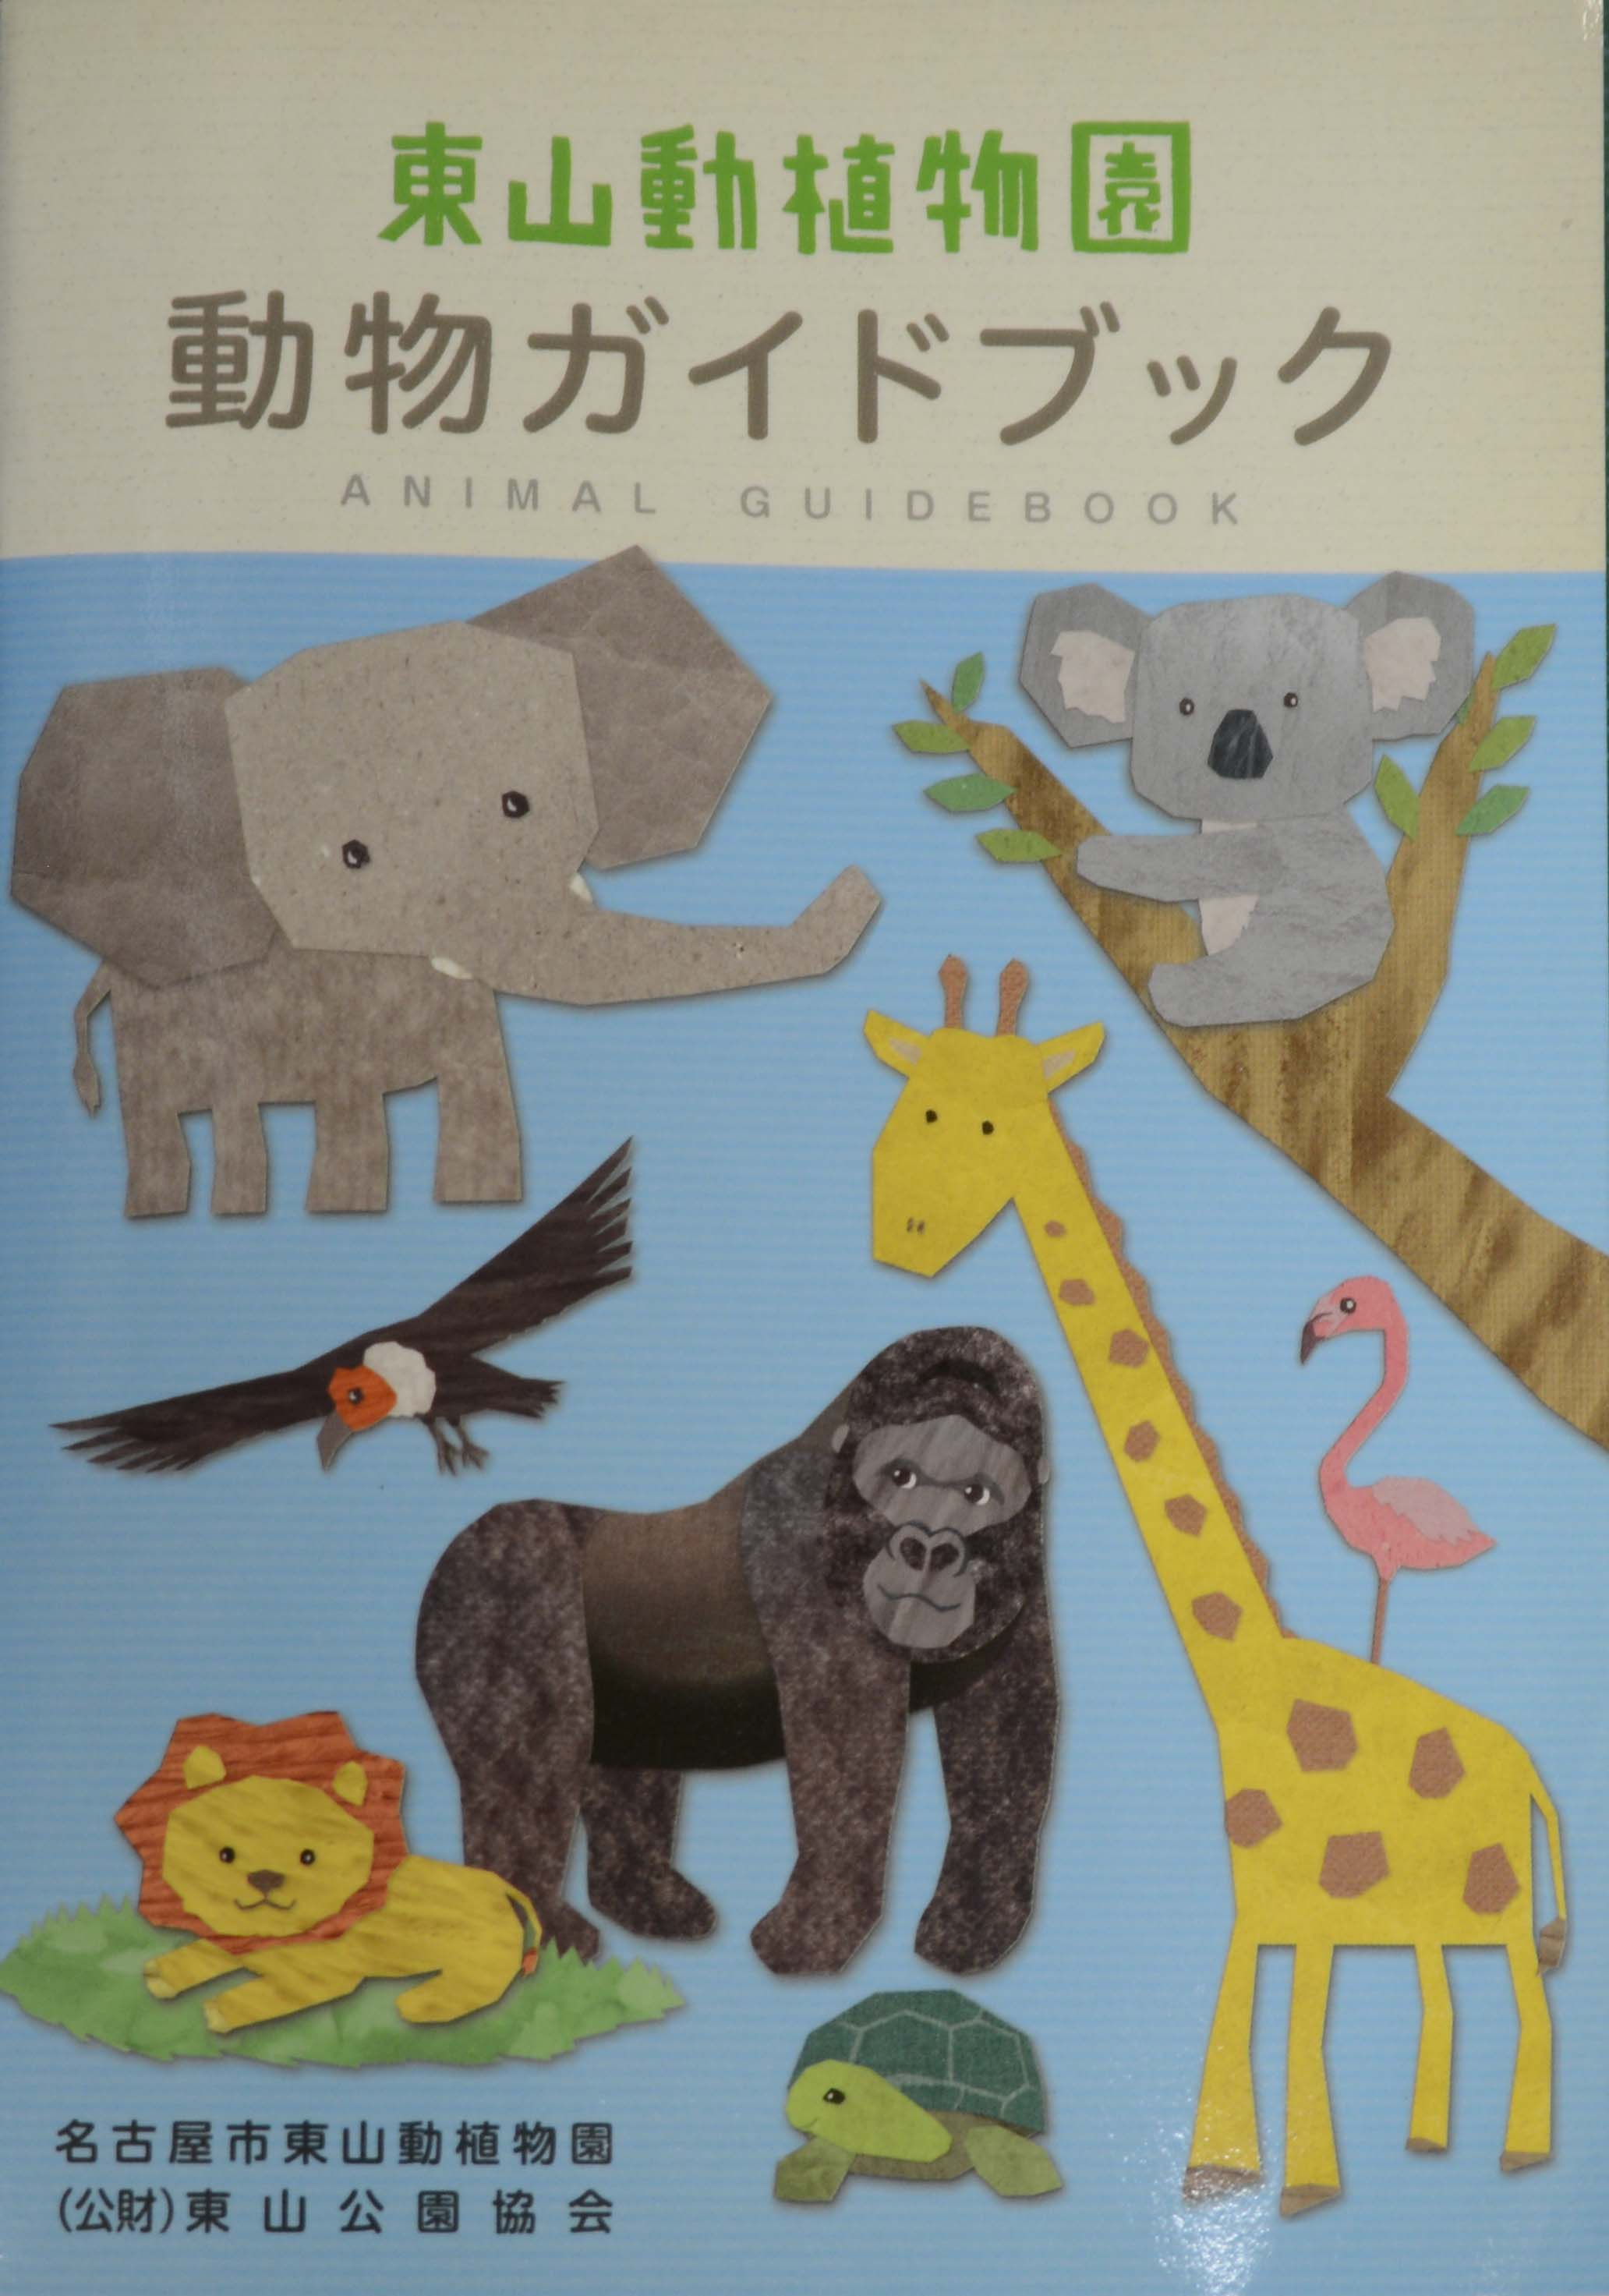 動物ガイドブック第6刷ができました